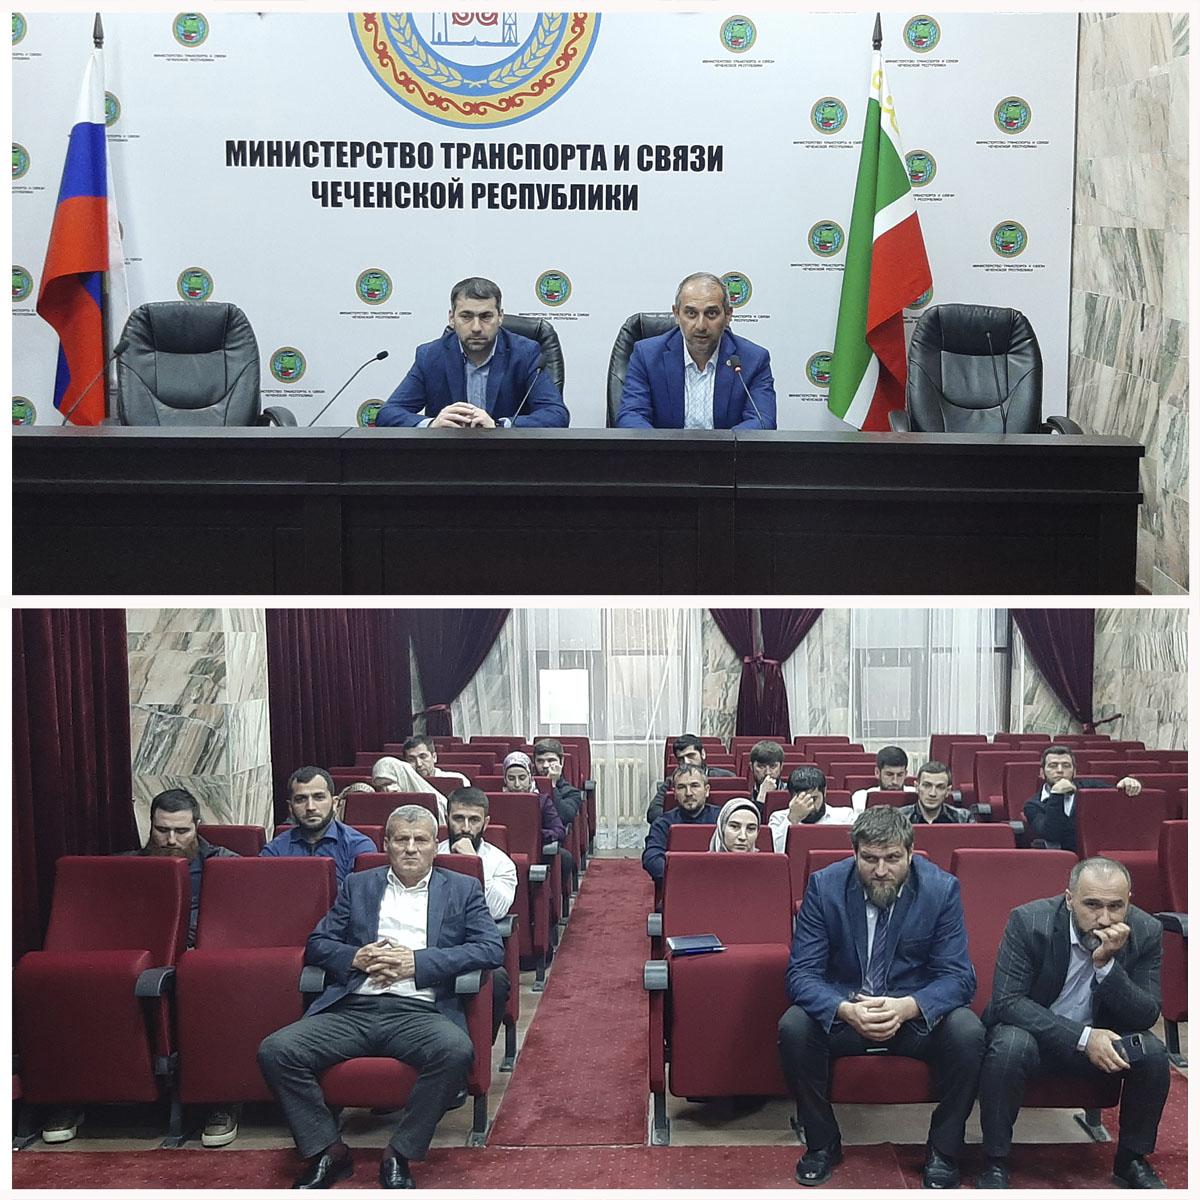 Важно своевременно исполнять поручения Главы и Правительства Чеченской Республики